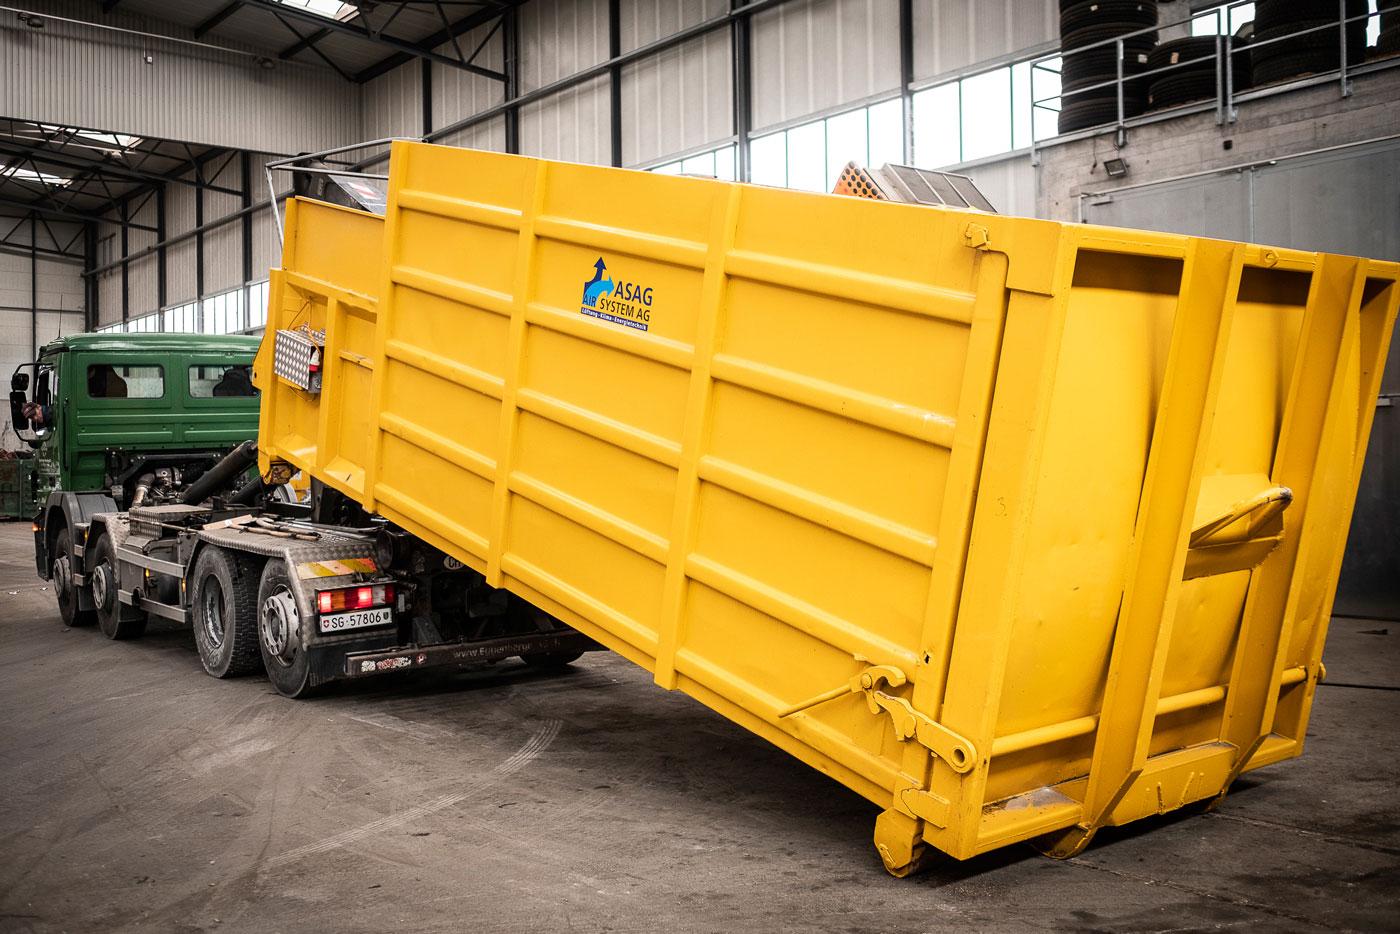 Lastwagen mit UT-Abrollkipper Saurier mit gelbem Container in Industriehalle.